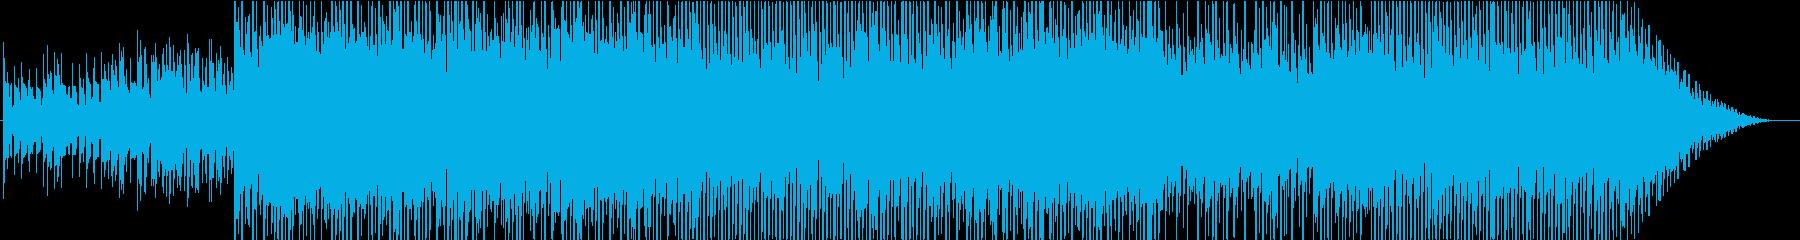 少しアジアテイストなポップエレクトロニカの再生済みの波形